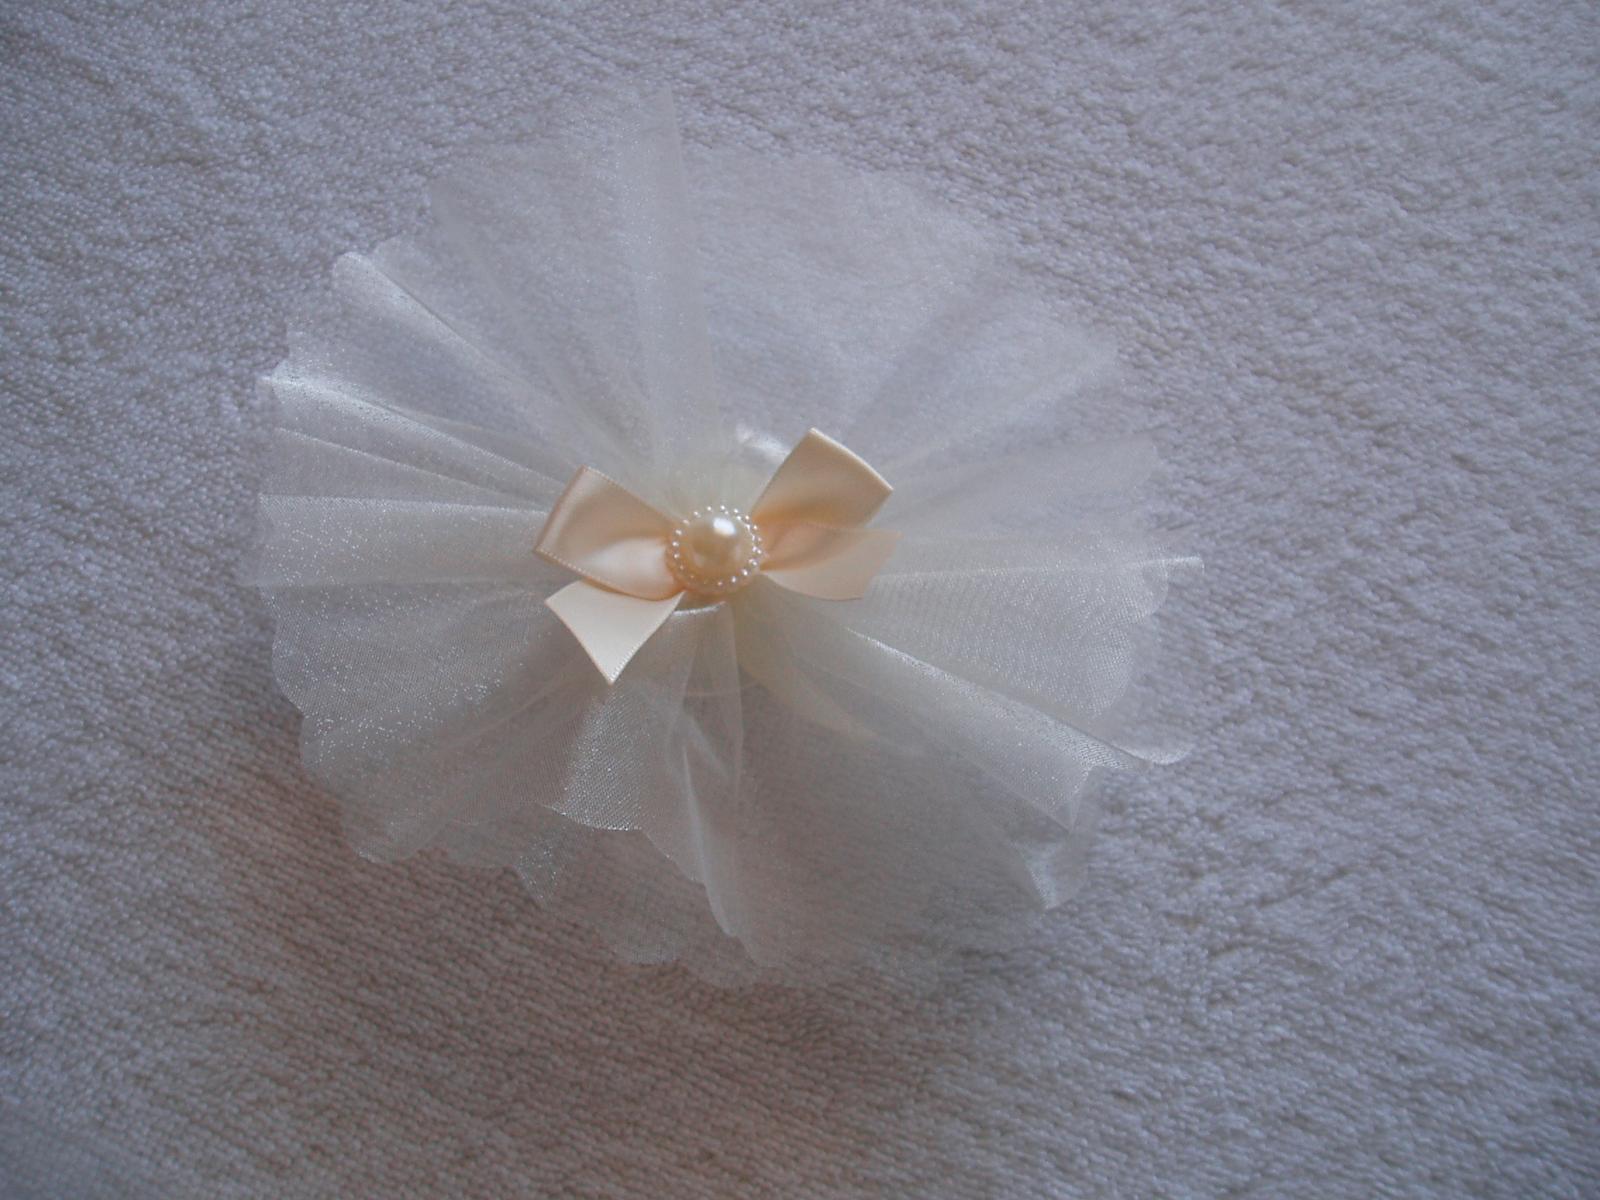 mandličky dárkově balené - Obrázek č. 1